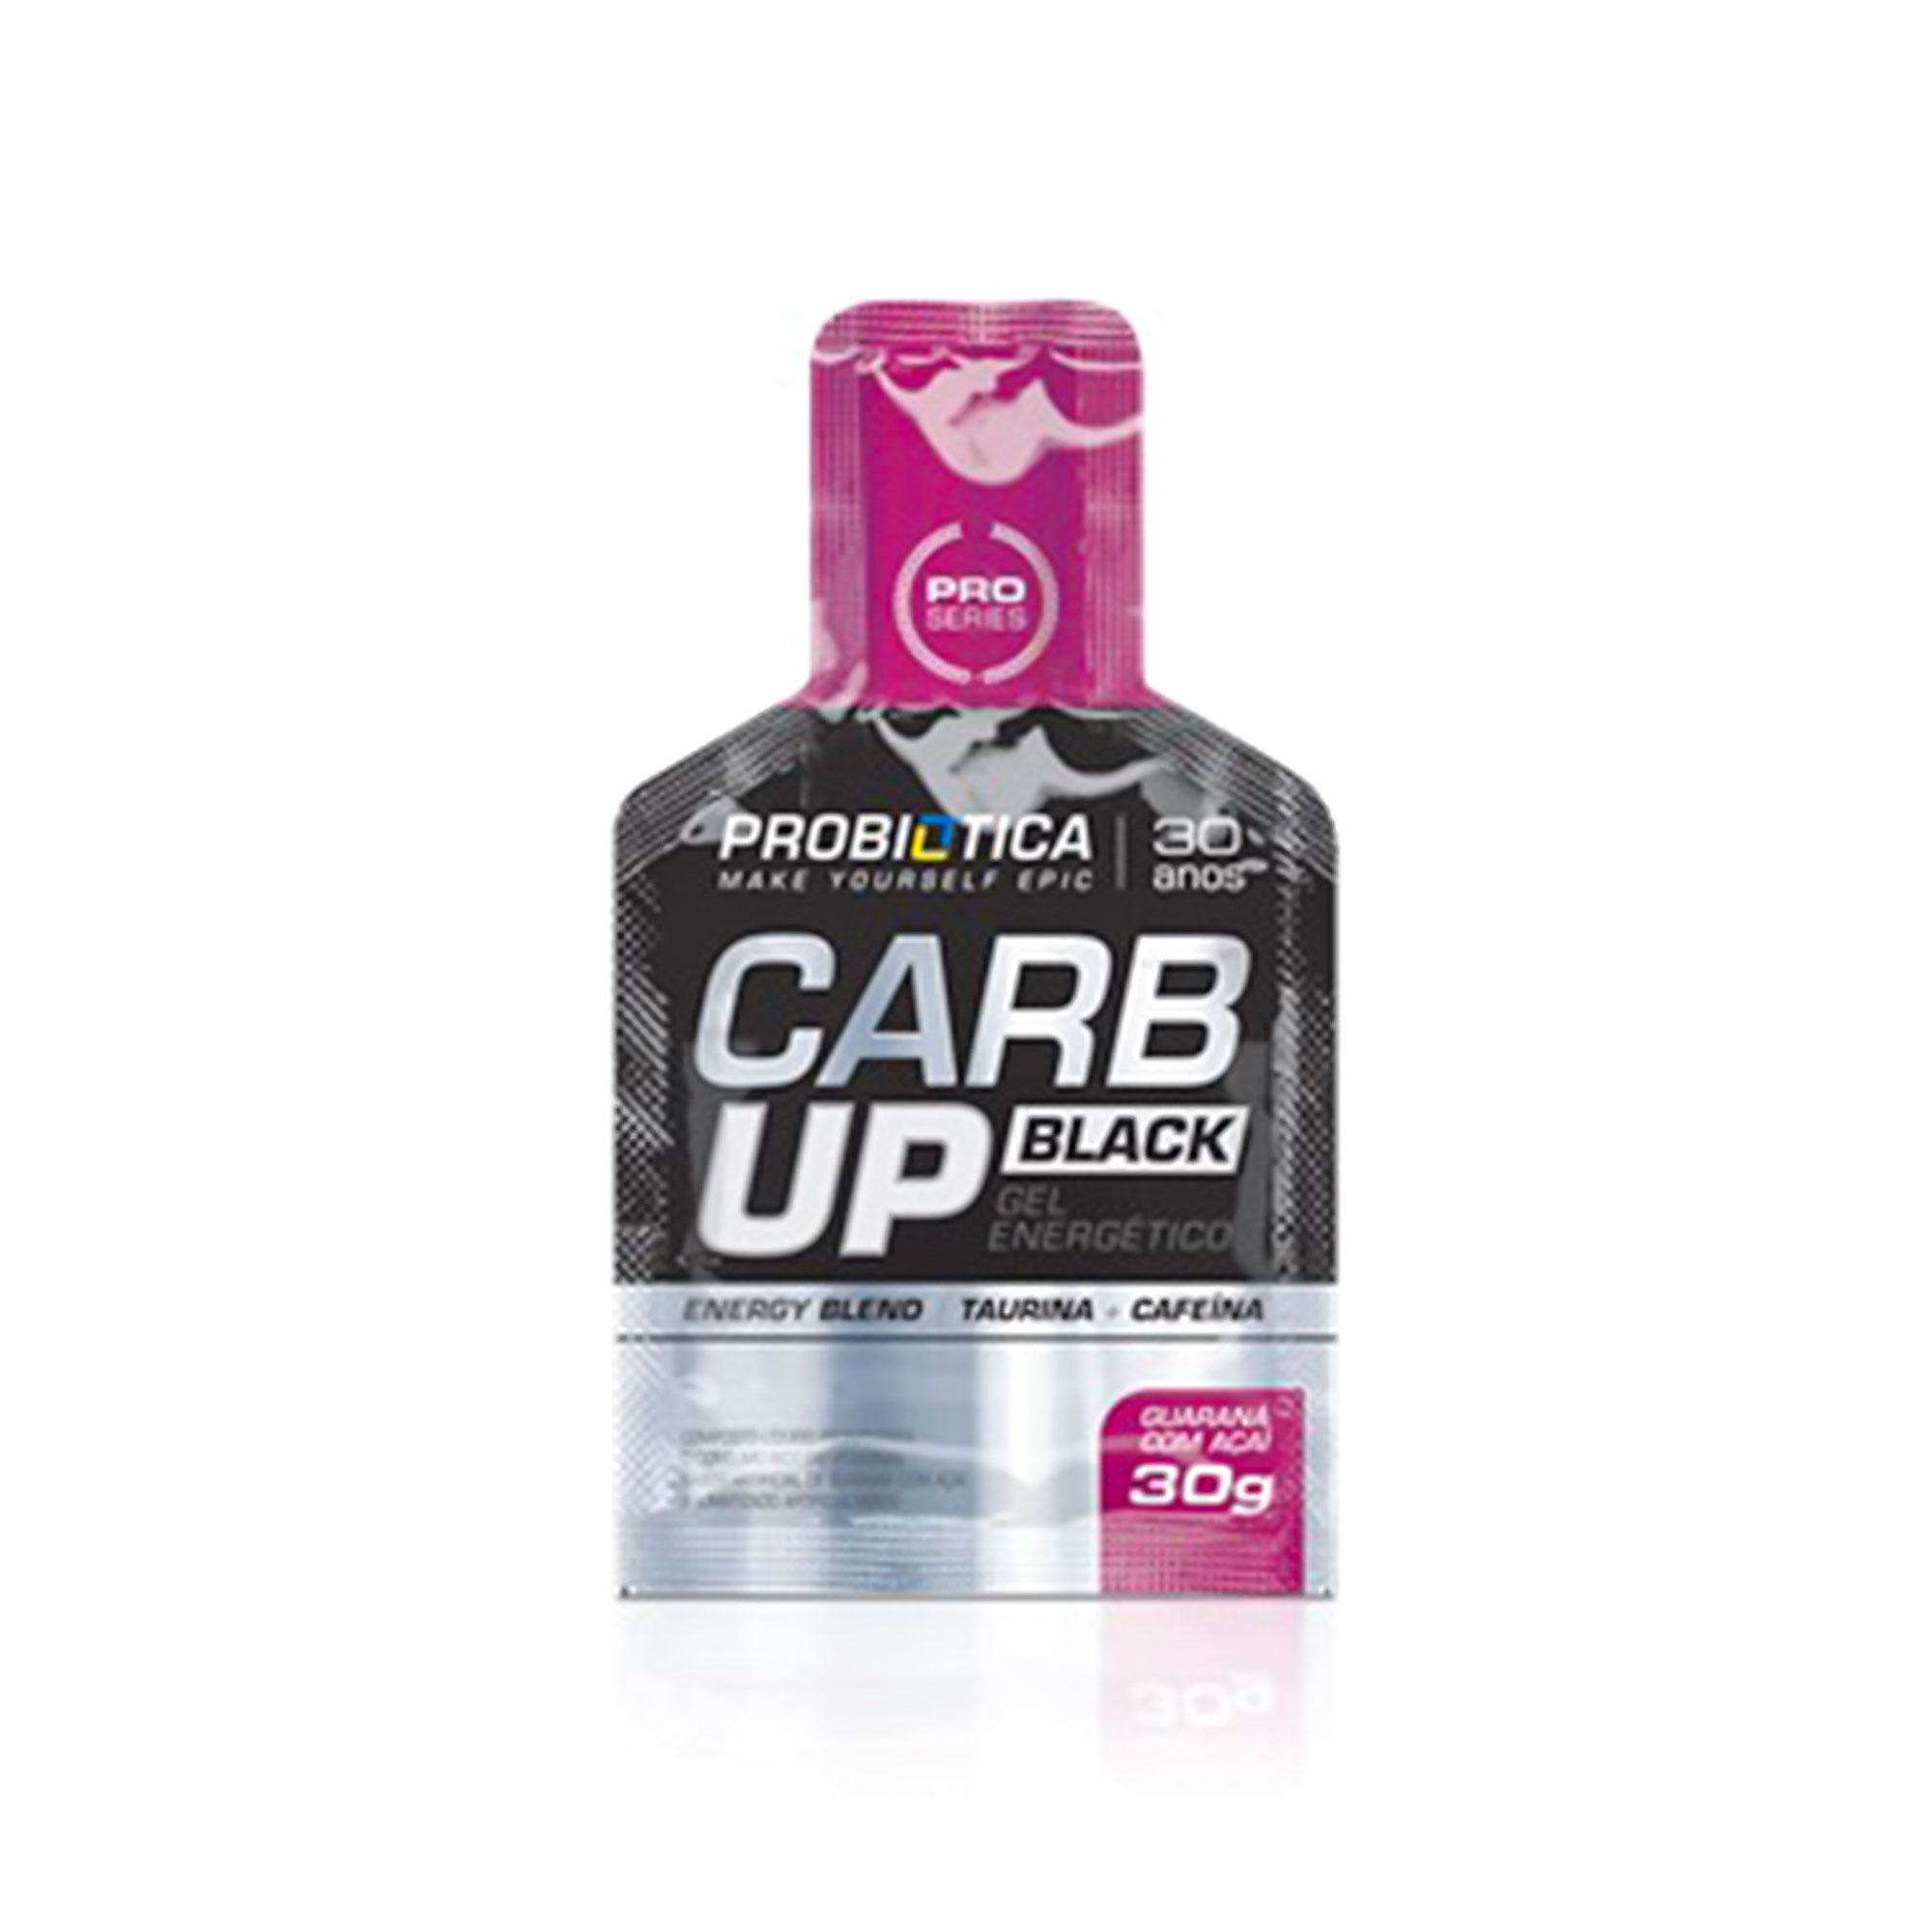 Carb up Gel Black Açai c/ guaraná Probiotica 30g